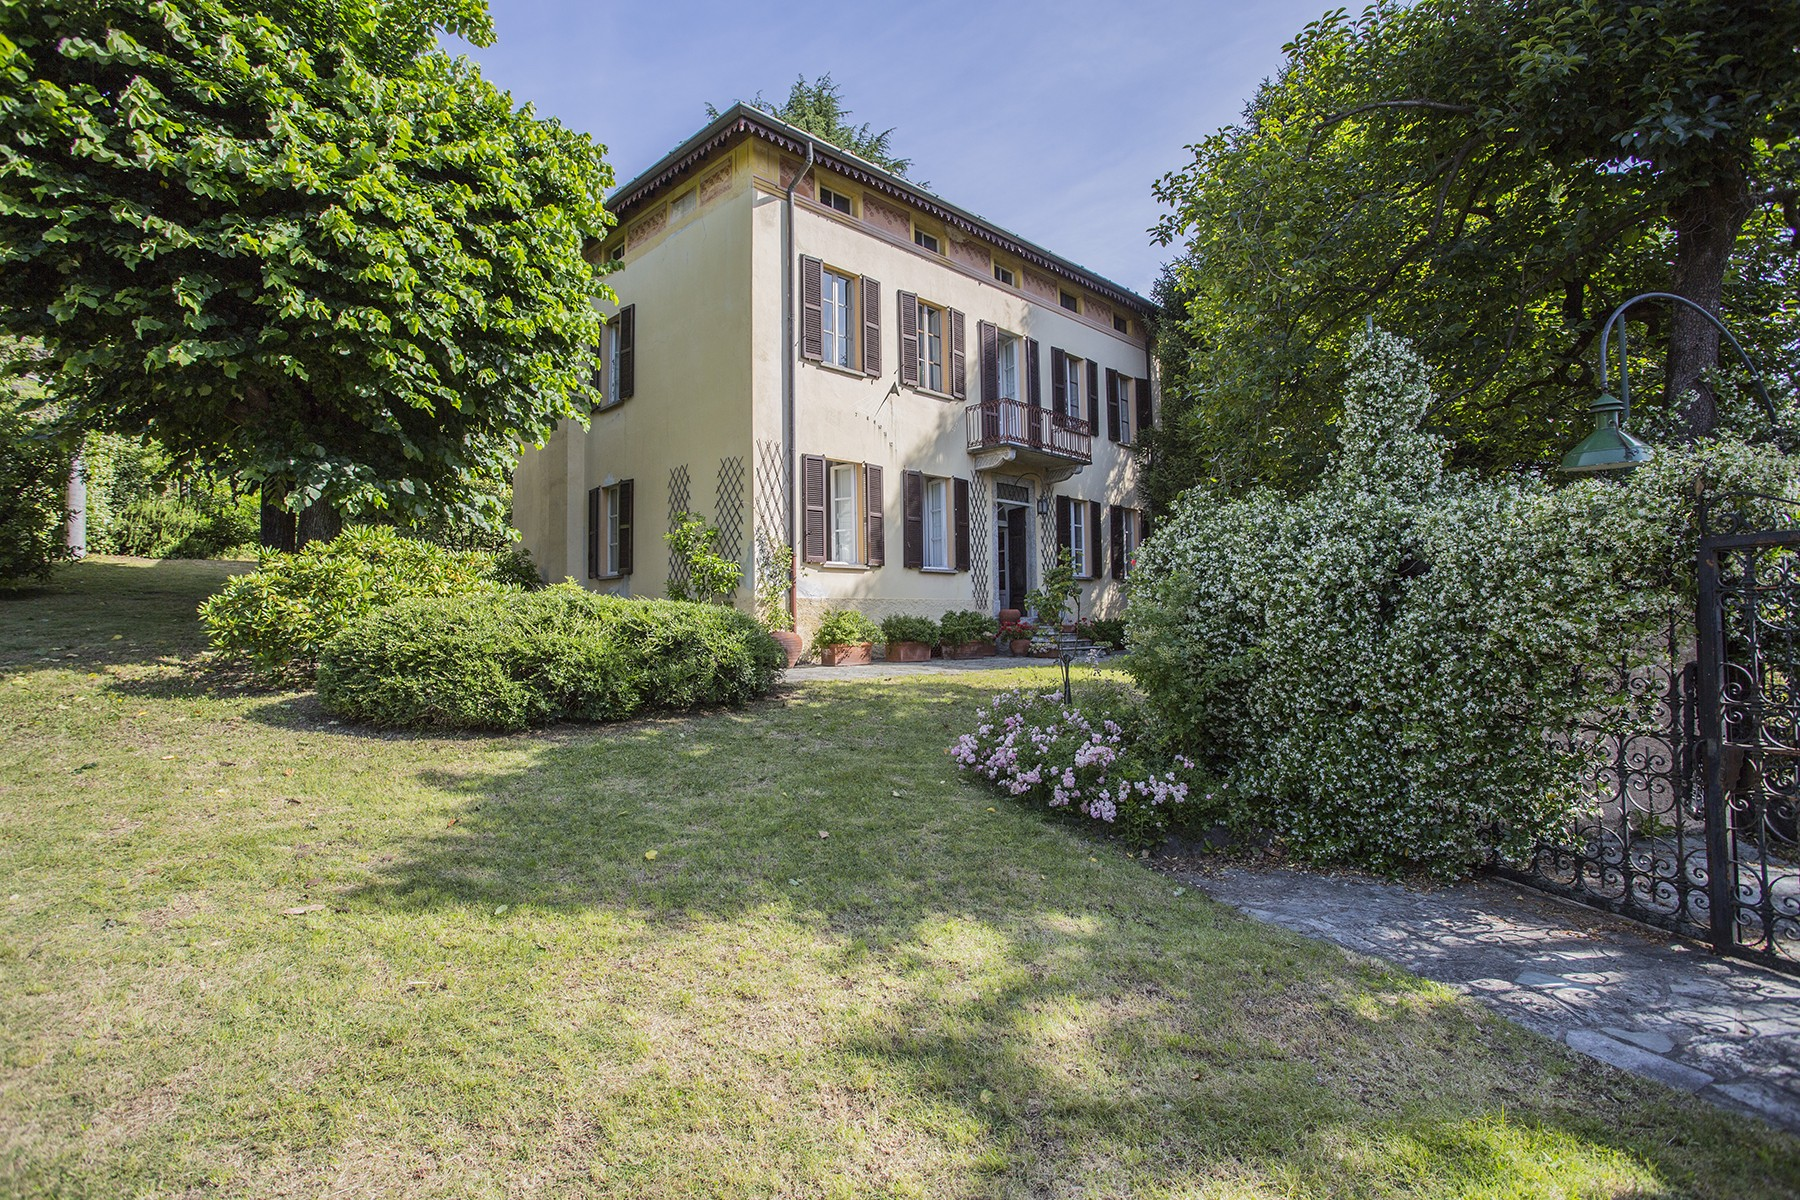 Villa in Vendita a Vercana: 5 locali, 300 mq